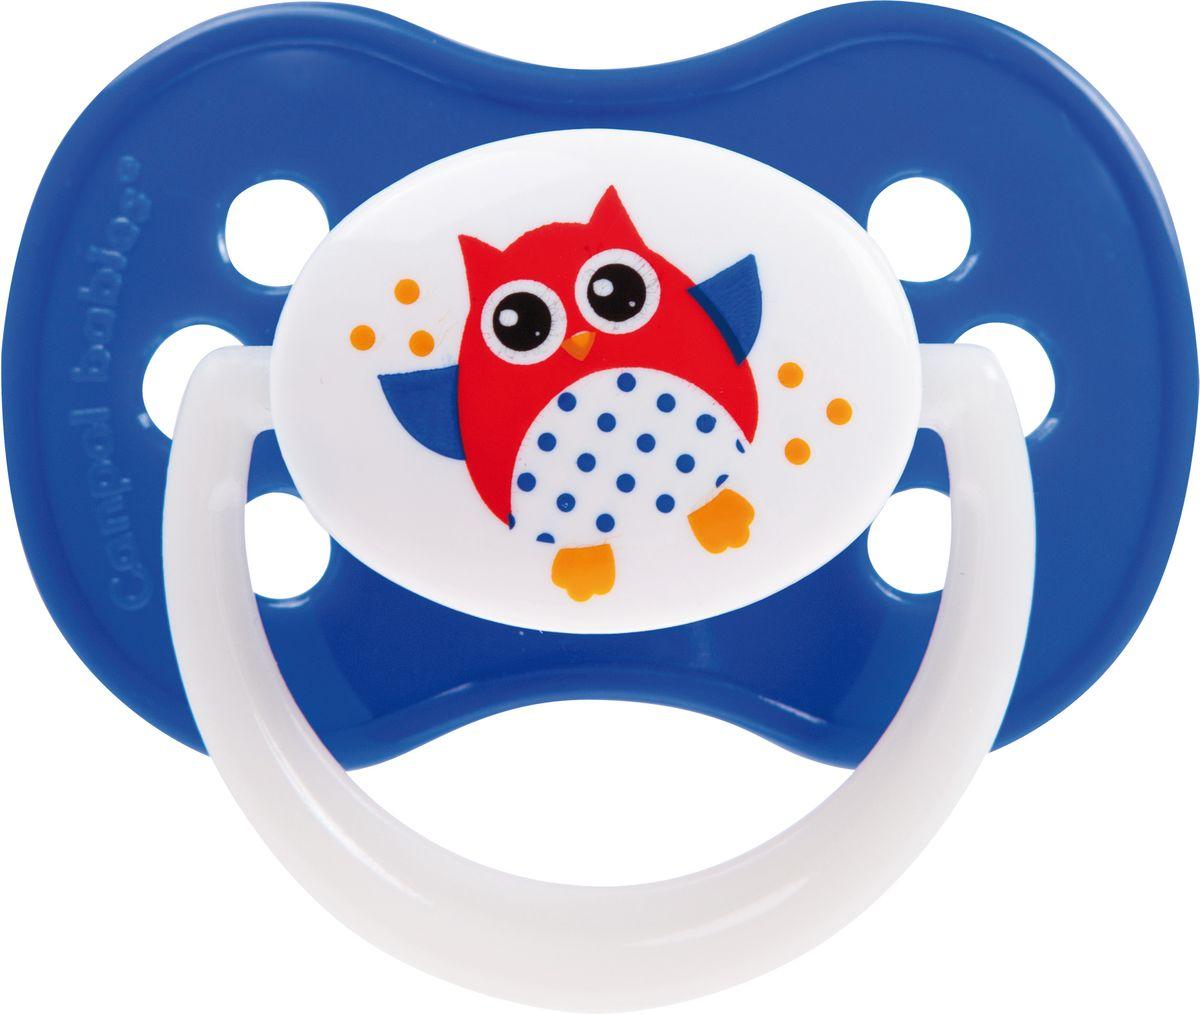 Canpol Babies Пустышка силиконовая симметричная Owl от 6 до 18 месяцев цвет синий